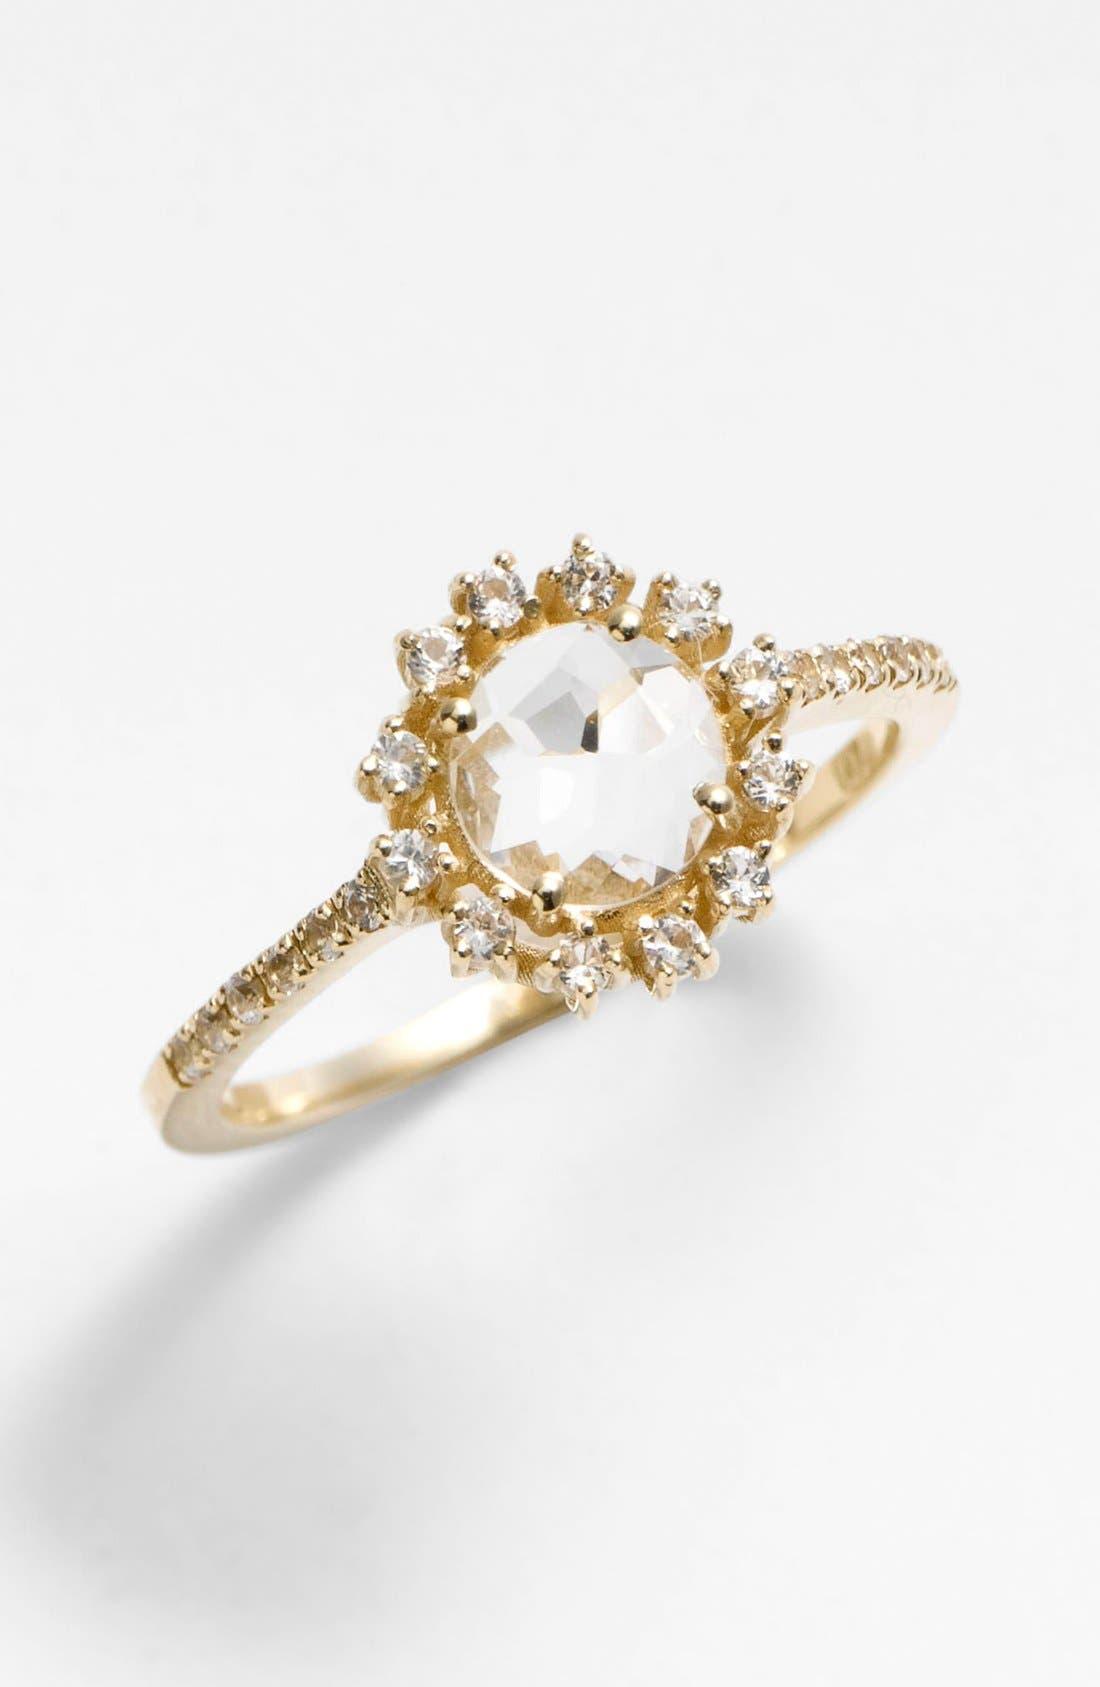 Main Image - KALAN by Suzanne Kalan Round Antique Bezel Ring